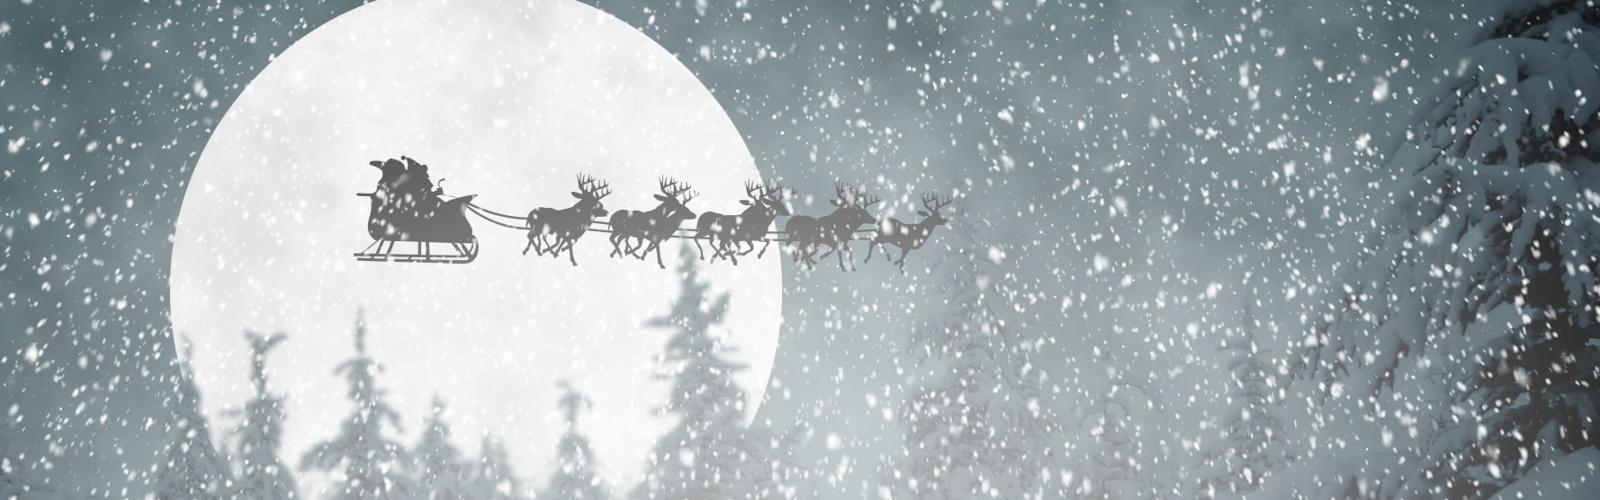 Hyvää ja rauhallista joulua kaikille!